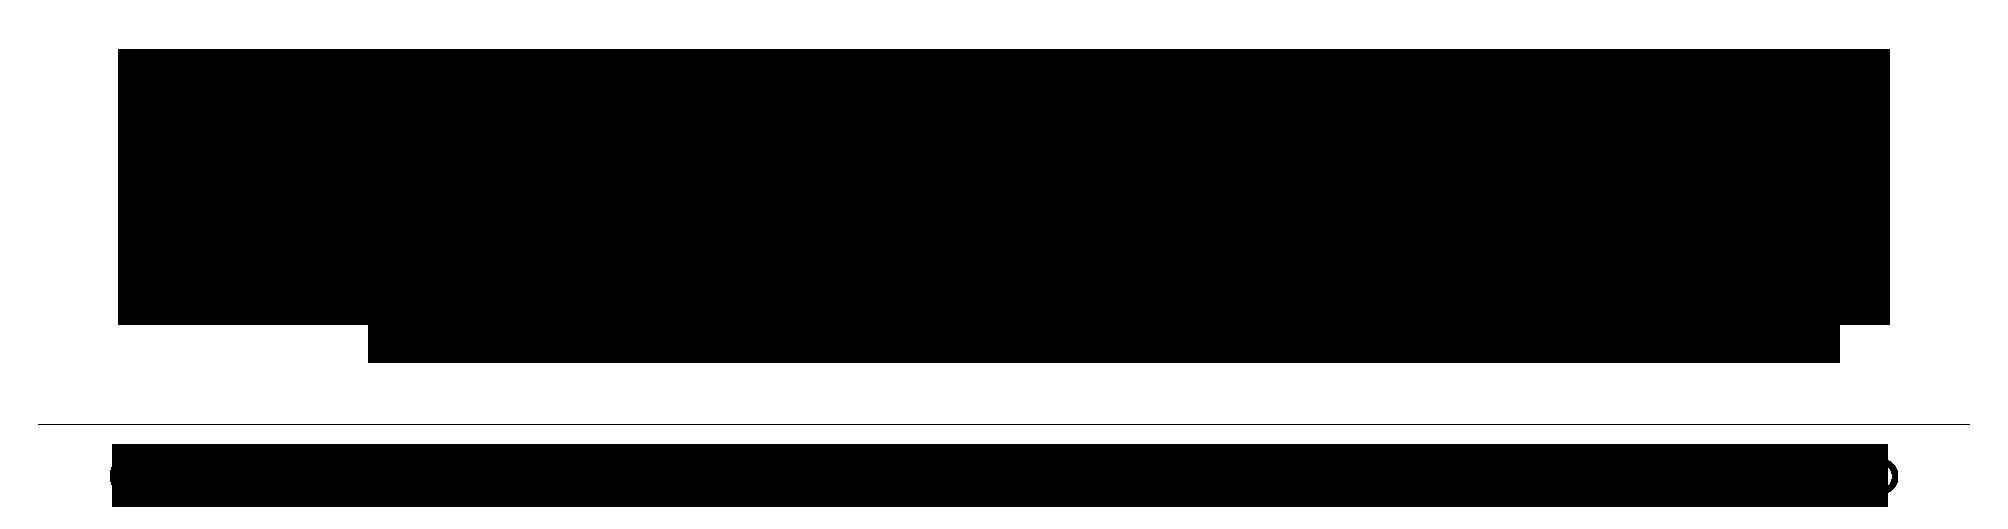 """Группа компаний """"Вайт Вейл"""" Официальный дистрибьютор на территории РФ"""